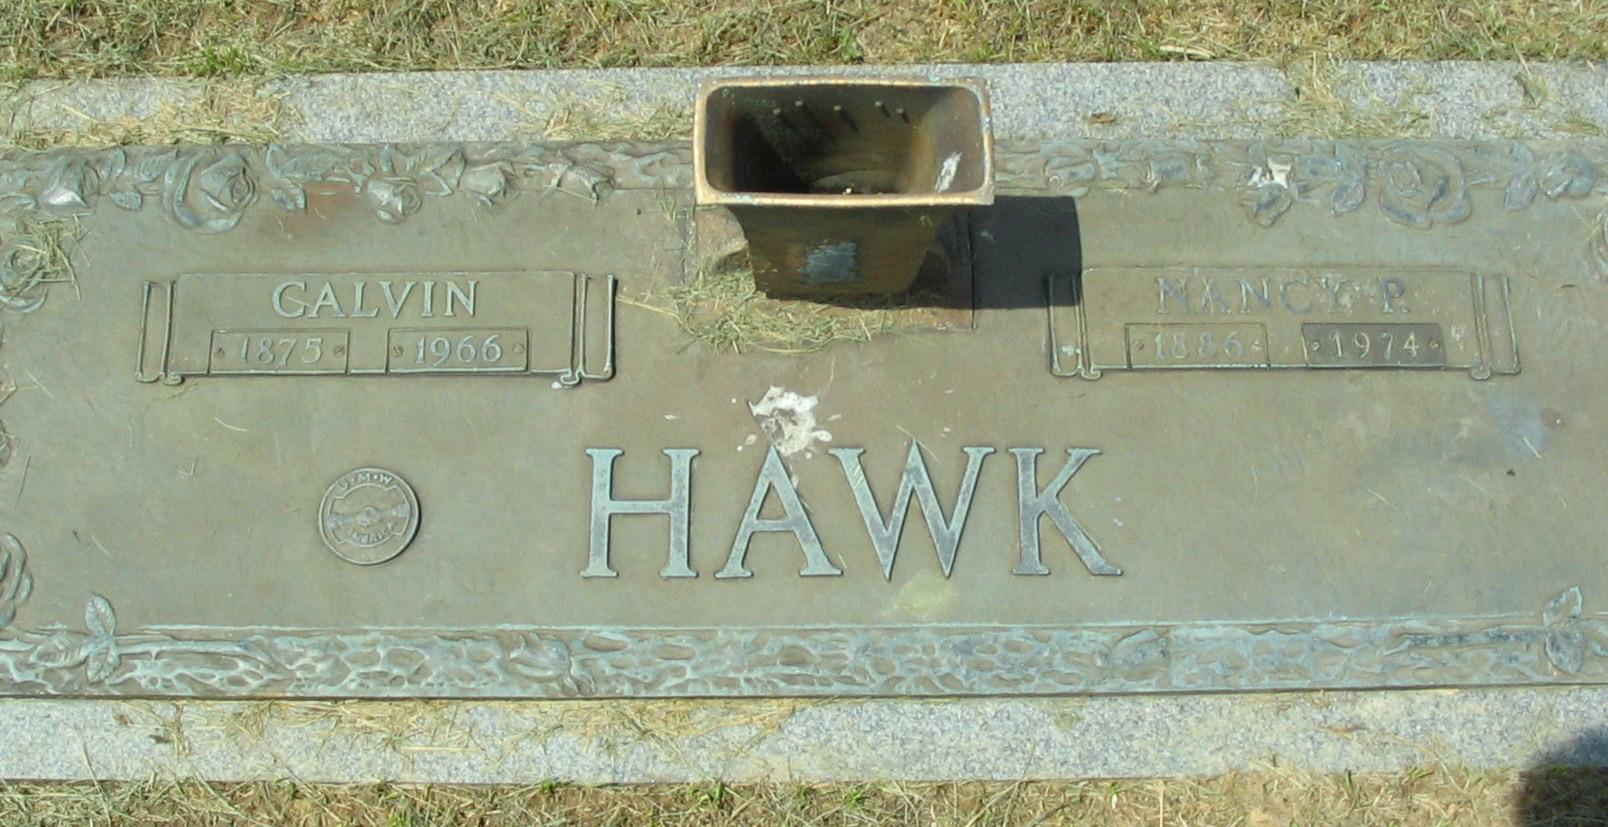 Calvin Hawk